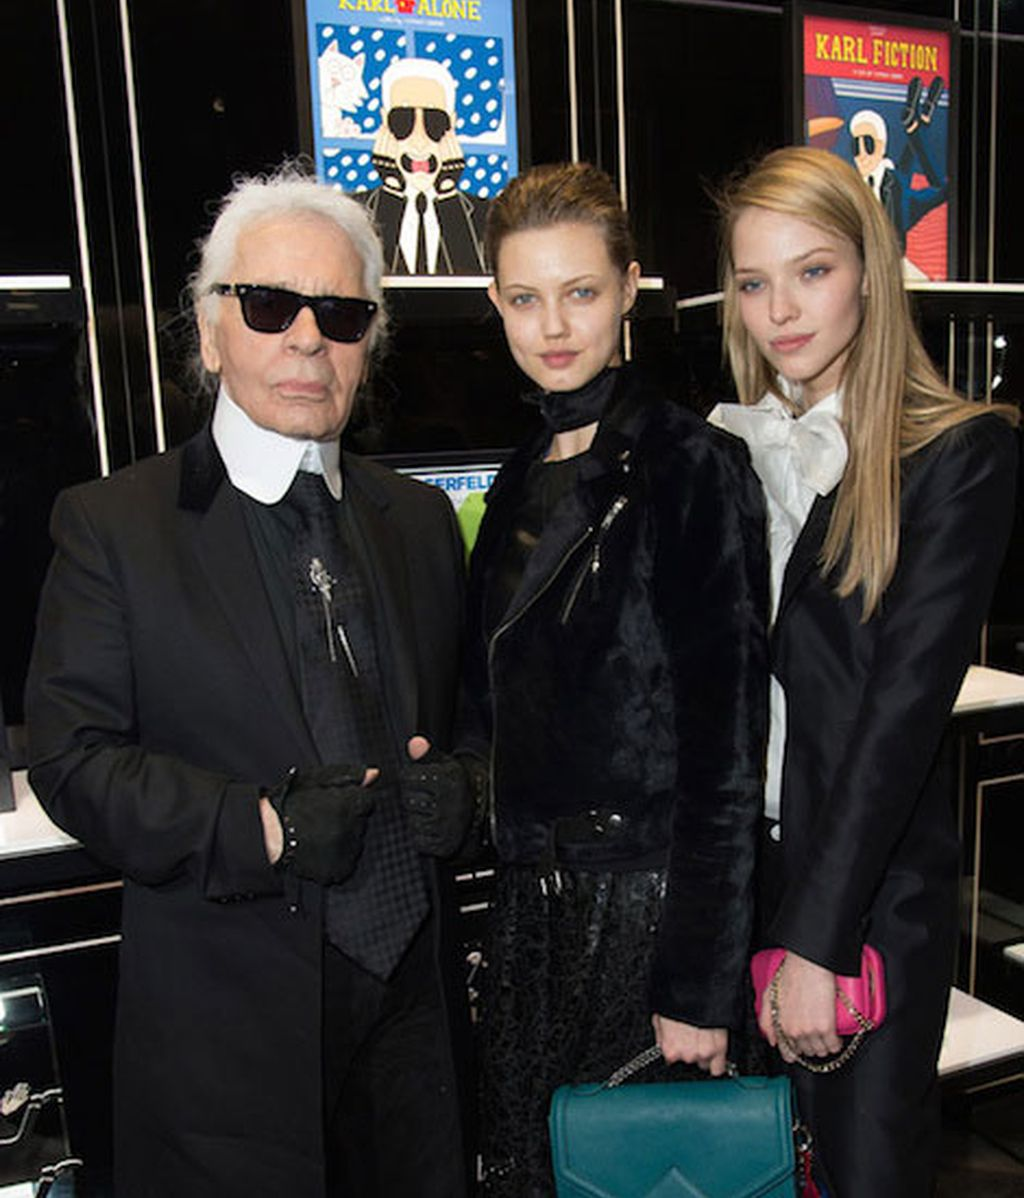 Karl Lagerfeld presenta la exposición de Tiffany Cooper